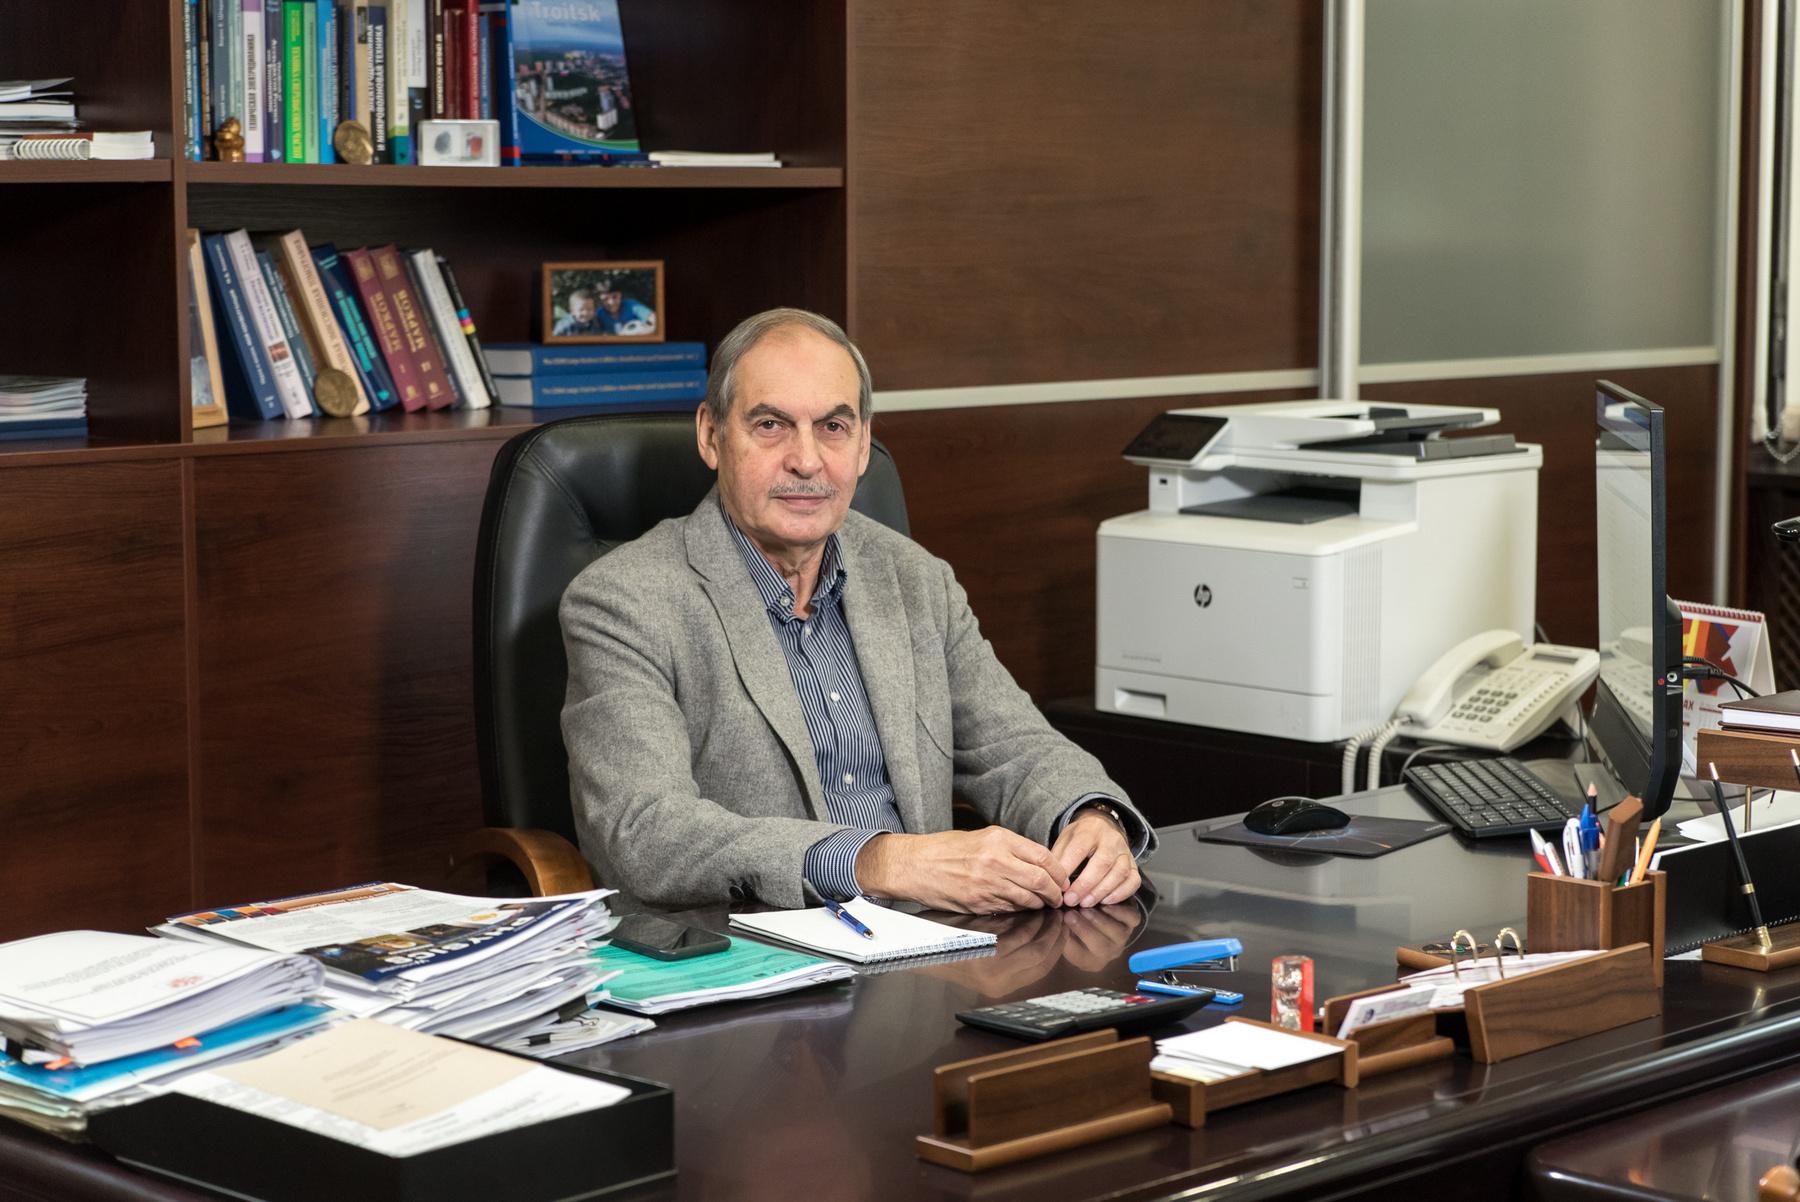 Леонид Кравчук в рабочем кабинете. Фото В. Миловидова